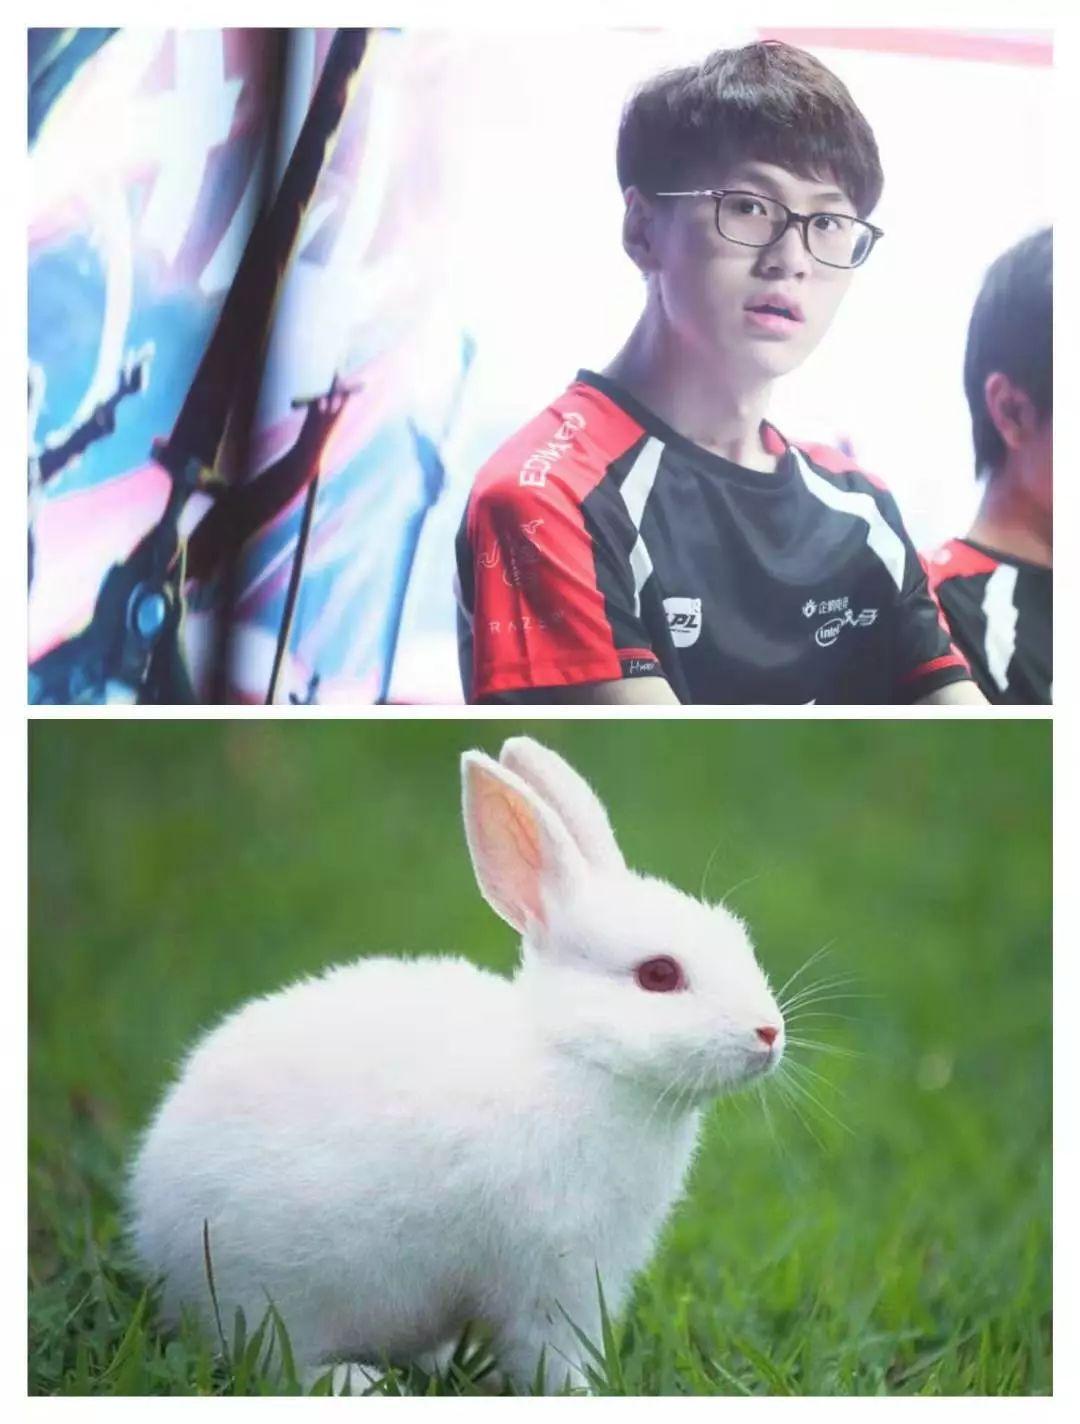 流氓兔经典图片头像